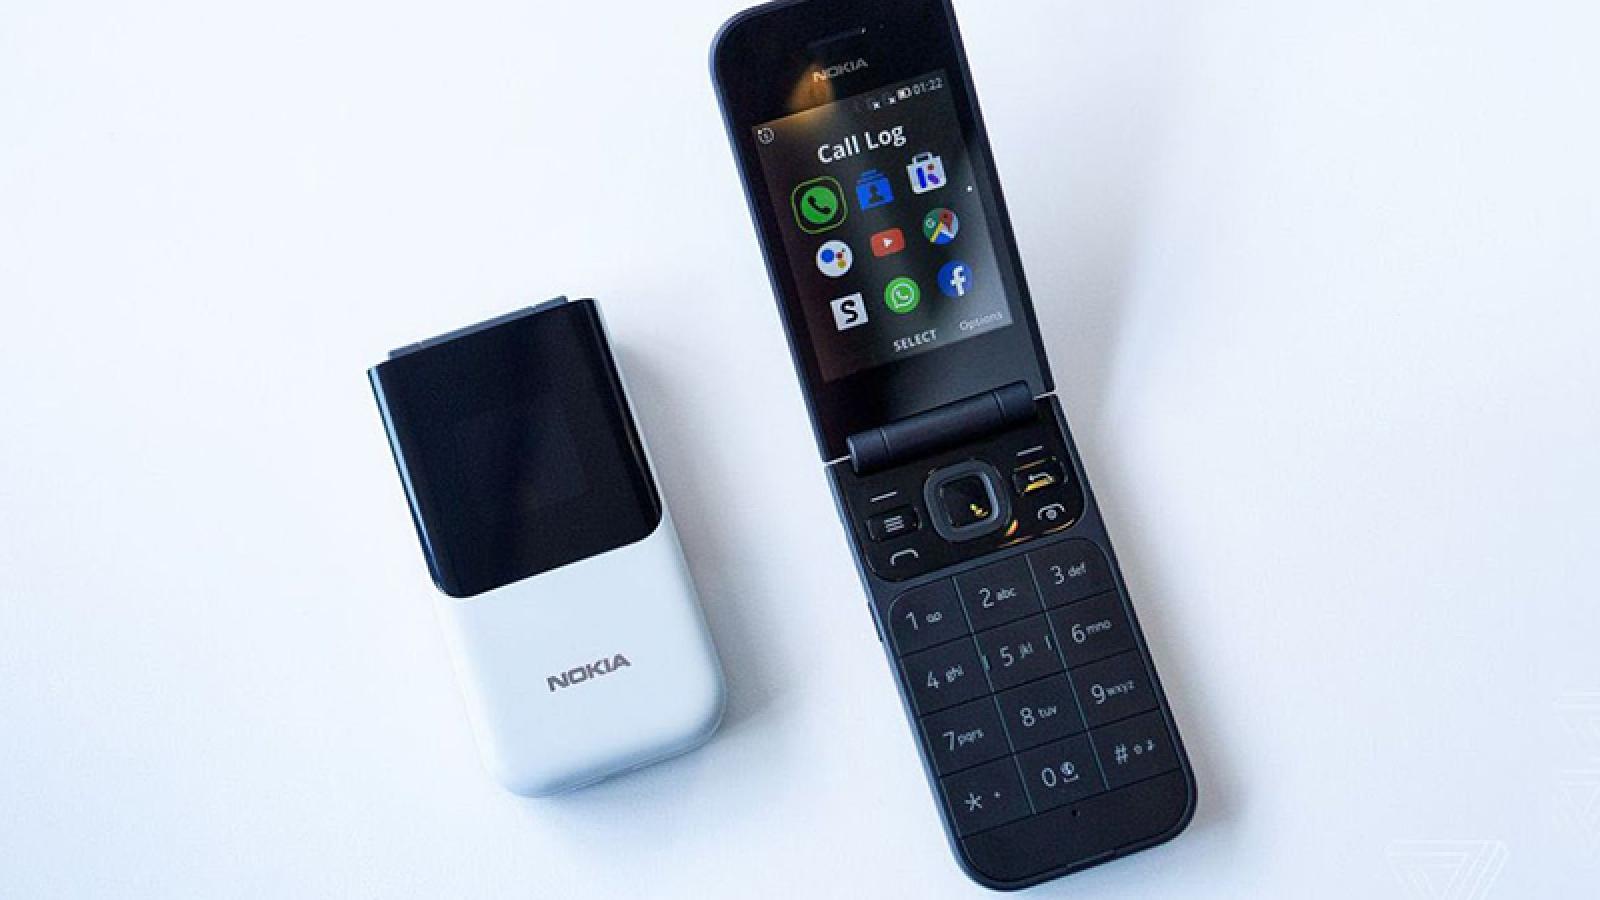 Lộ diện điện thoại nắp gập chạy KaiOS mới của Nokia